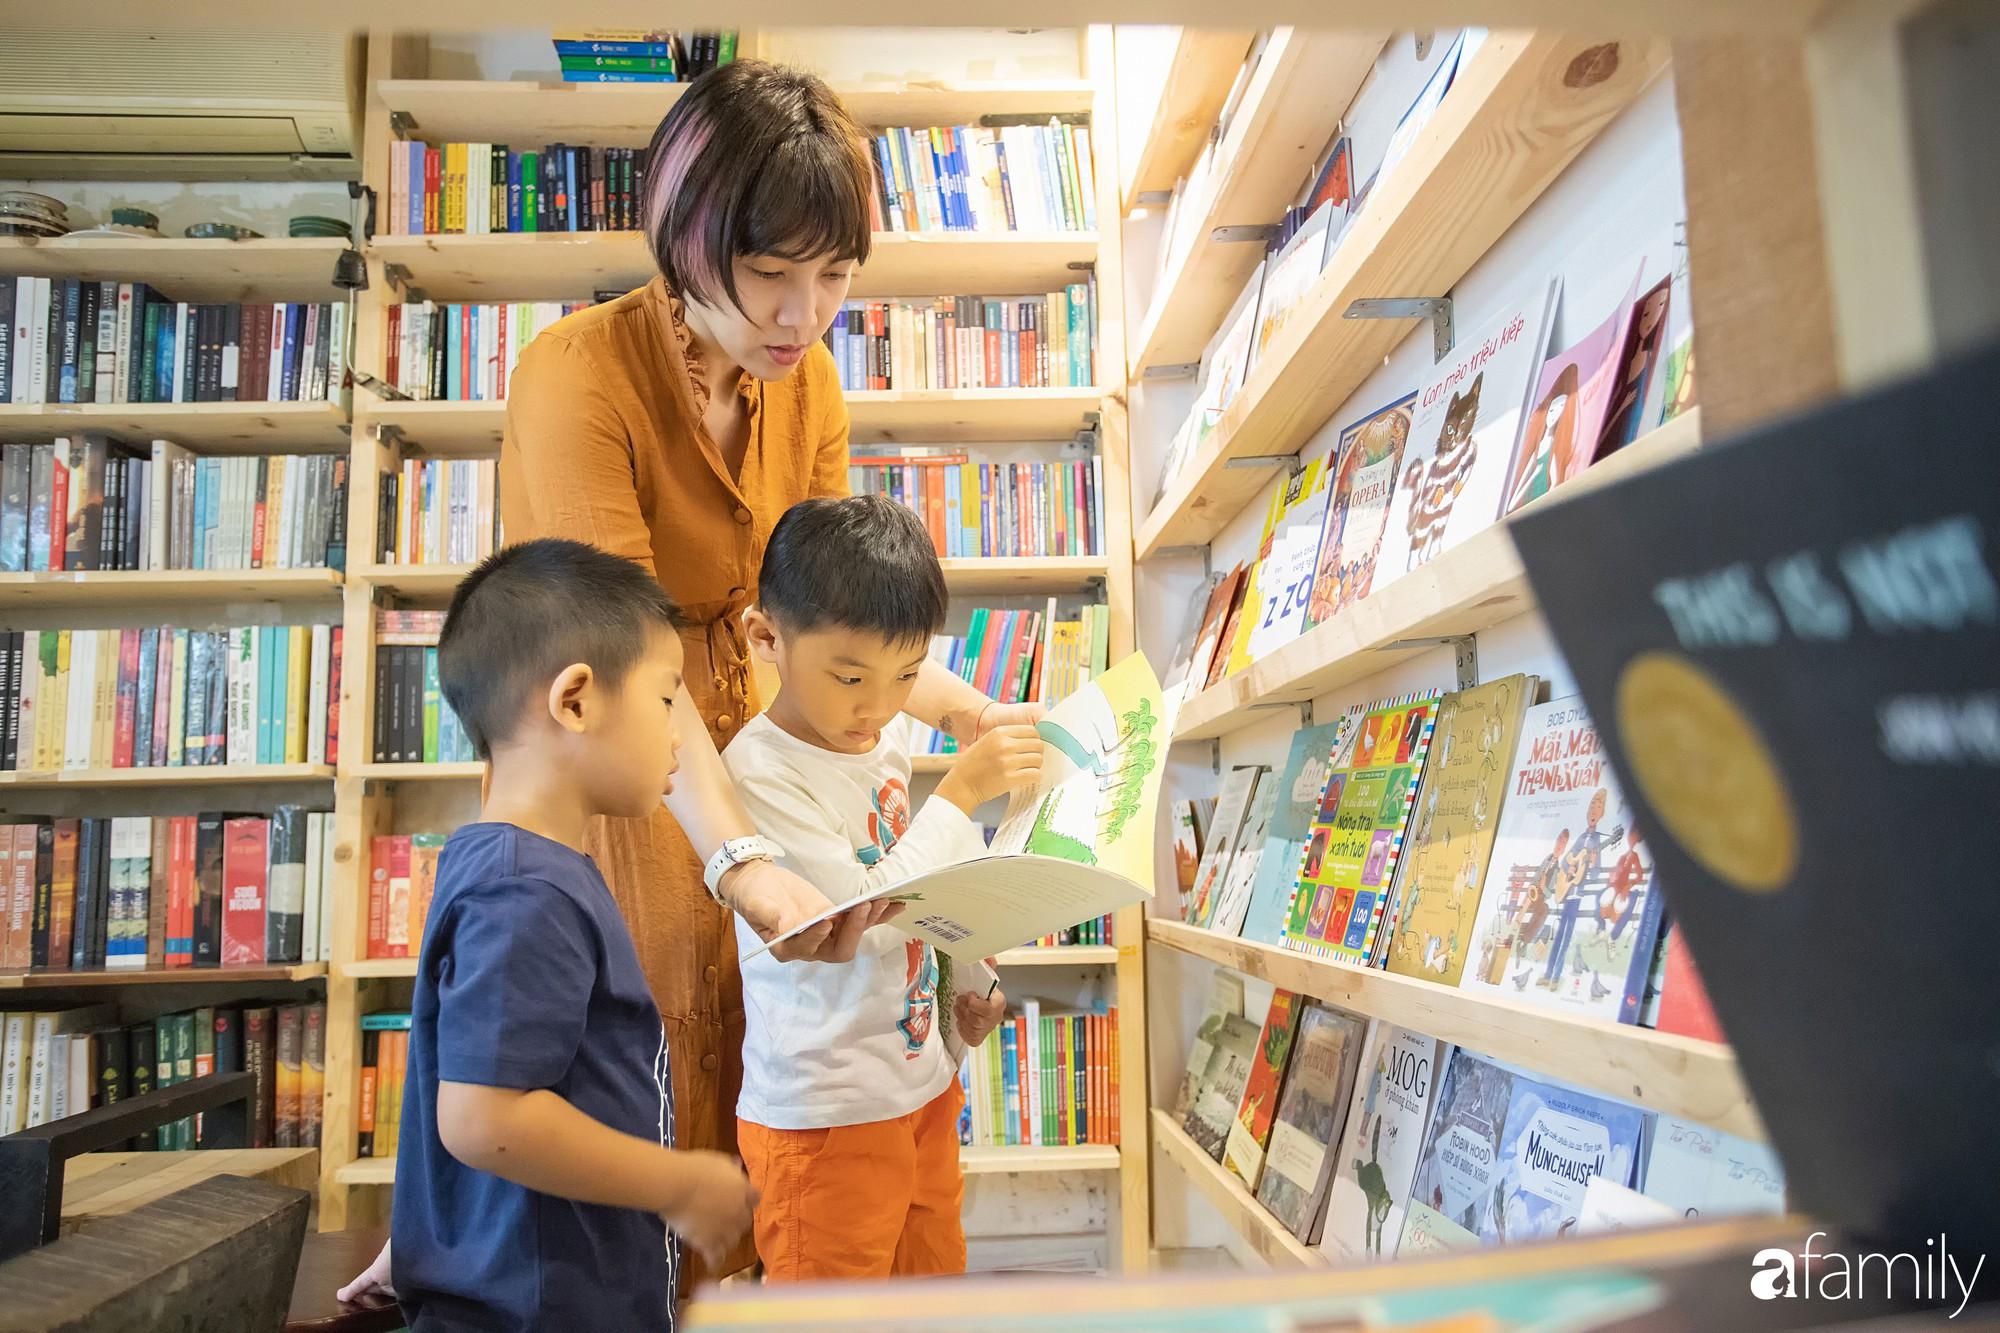 Nếu có con dưới 6 tuổi, cả nhà bạn nhất định phải ghé những thế giới sách xinh xẻo và bình yên nhất Sài Gòn này - Ảnh 7.